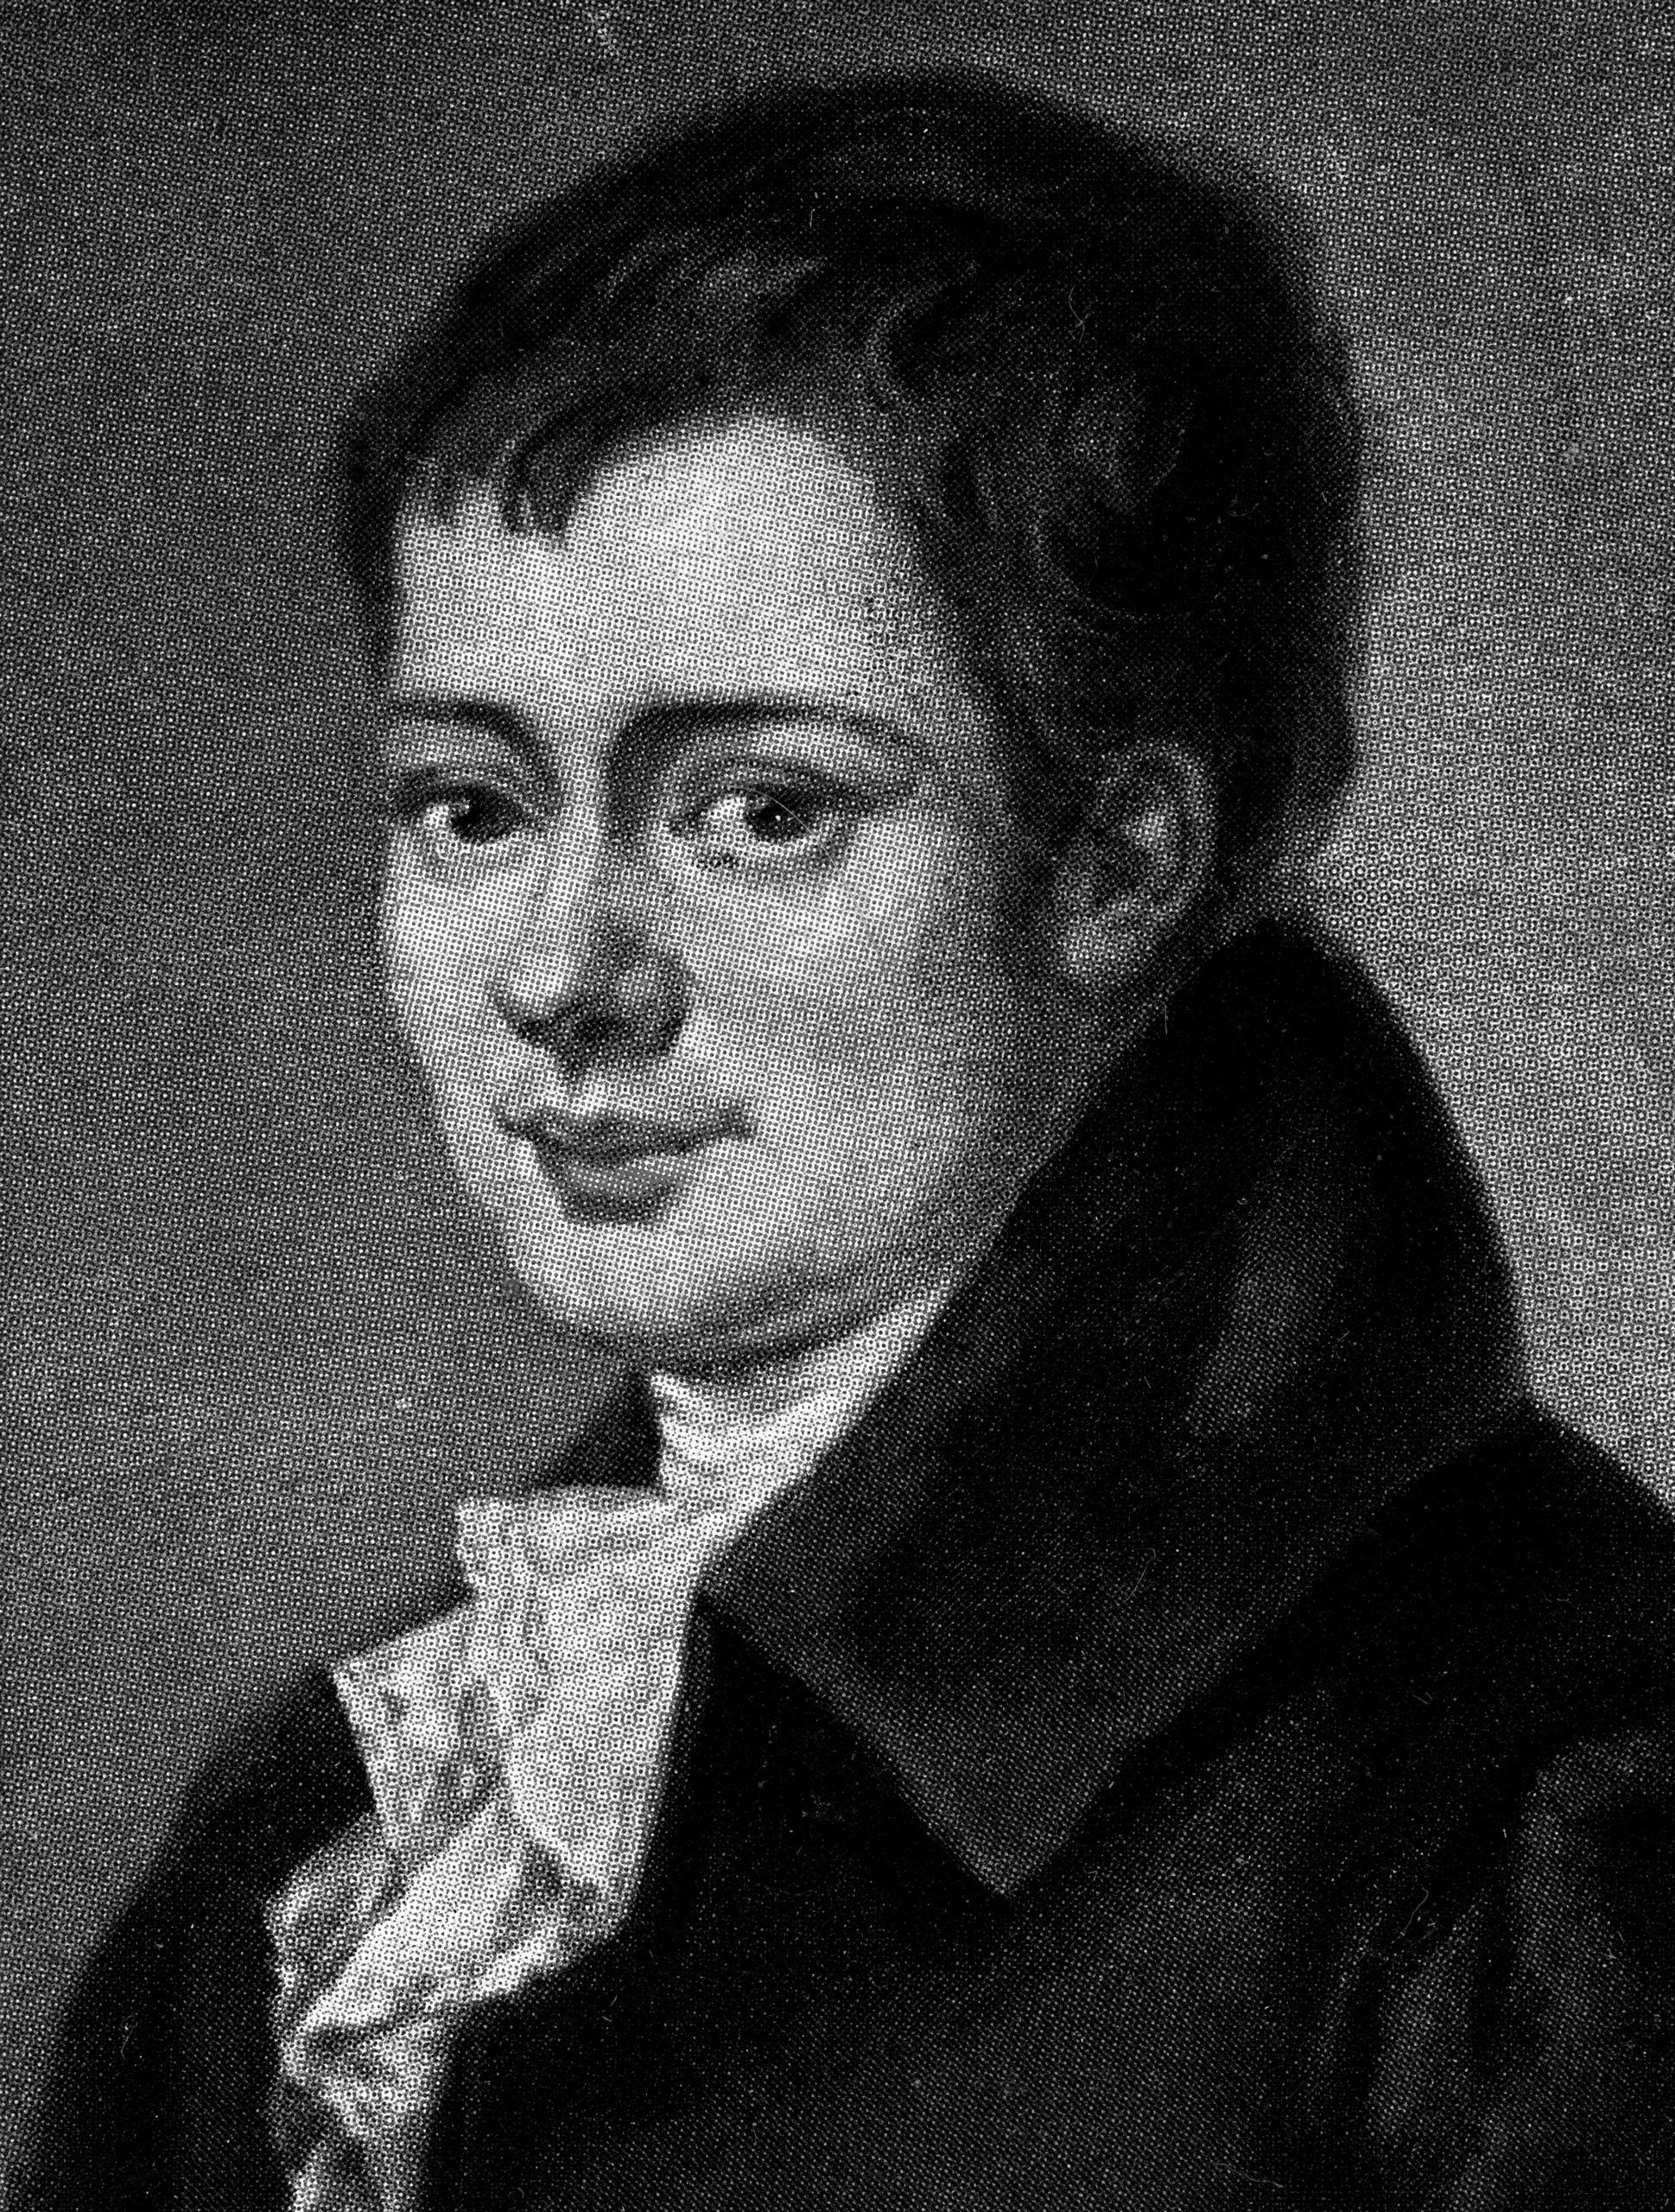 Heinrich von Kleist.